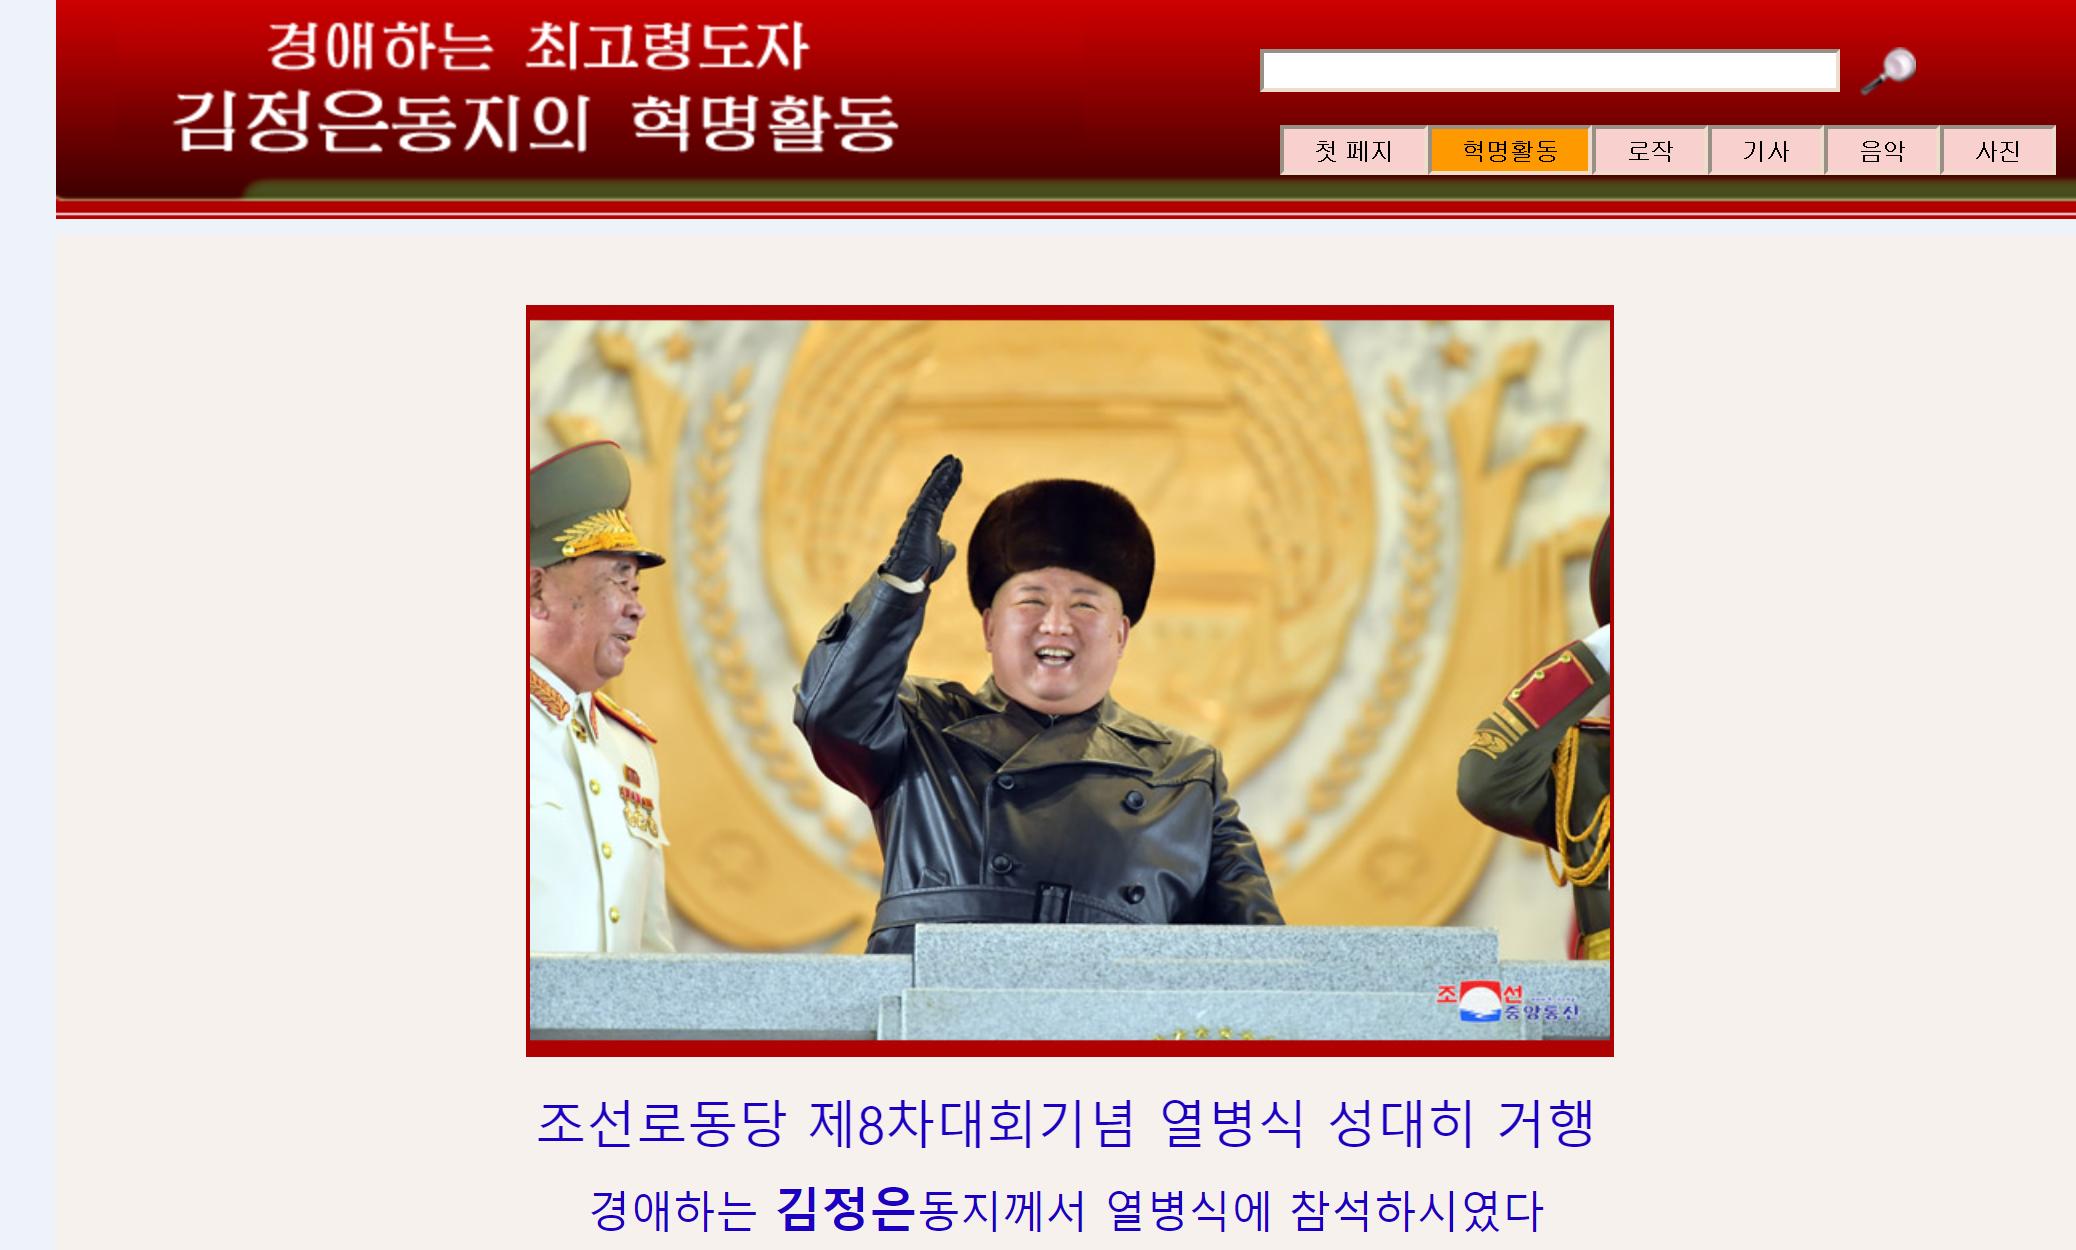 【比特币行情最新价格】_朝中社:纪念朝鲜劳动党八大阅兵式在平壤举行 金正恩出席